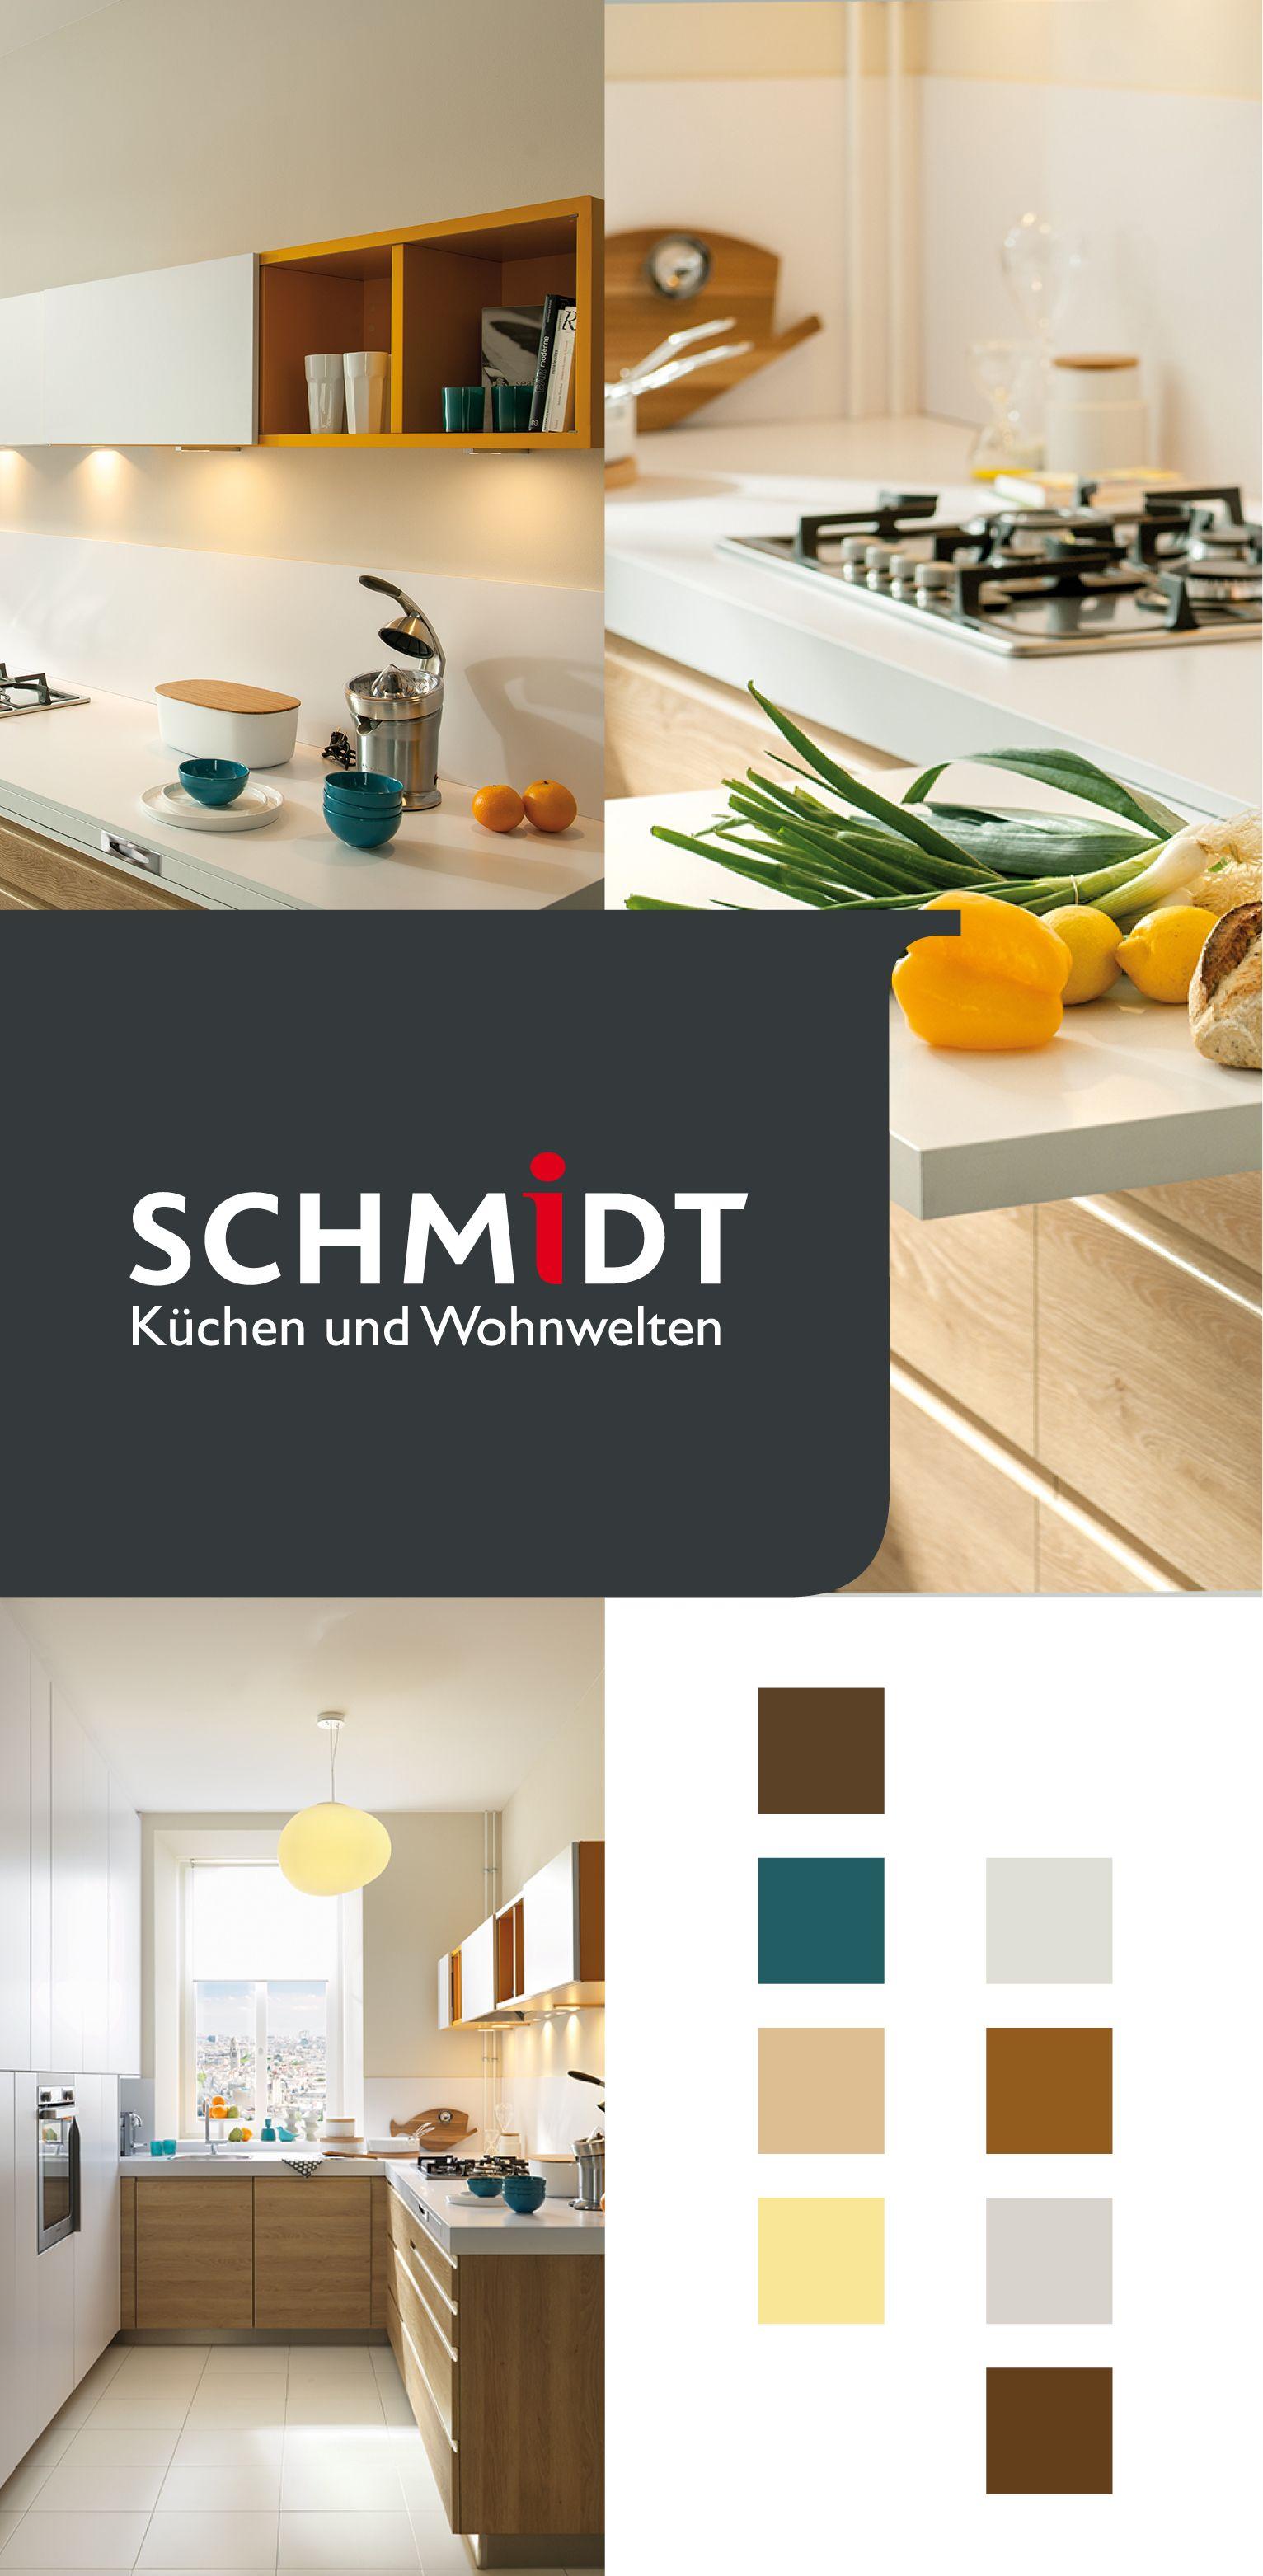 Ausgezeichnet Küche Restaurant South Bend In Ideen - Küchen Design ...